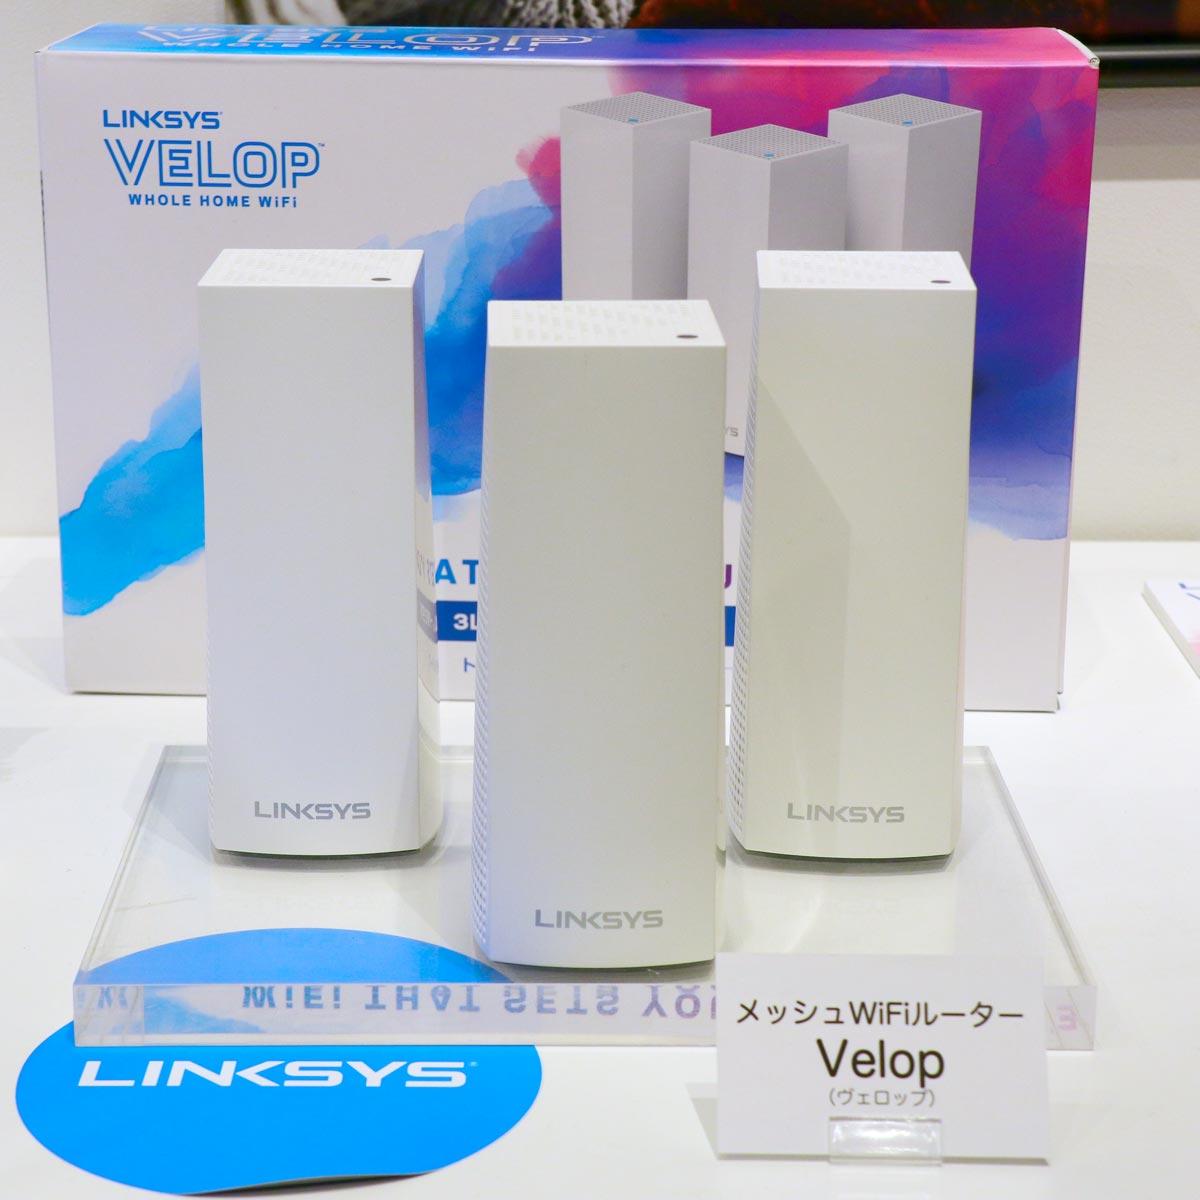 ベルキン傘下のリンクシスがメッシュネットワーク対応の「VELOP」を一般販売